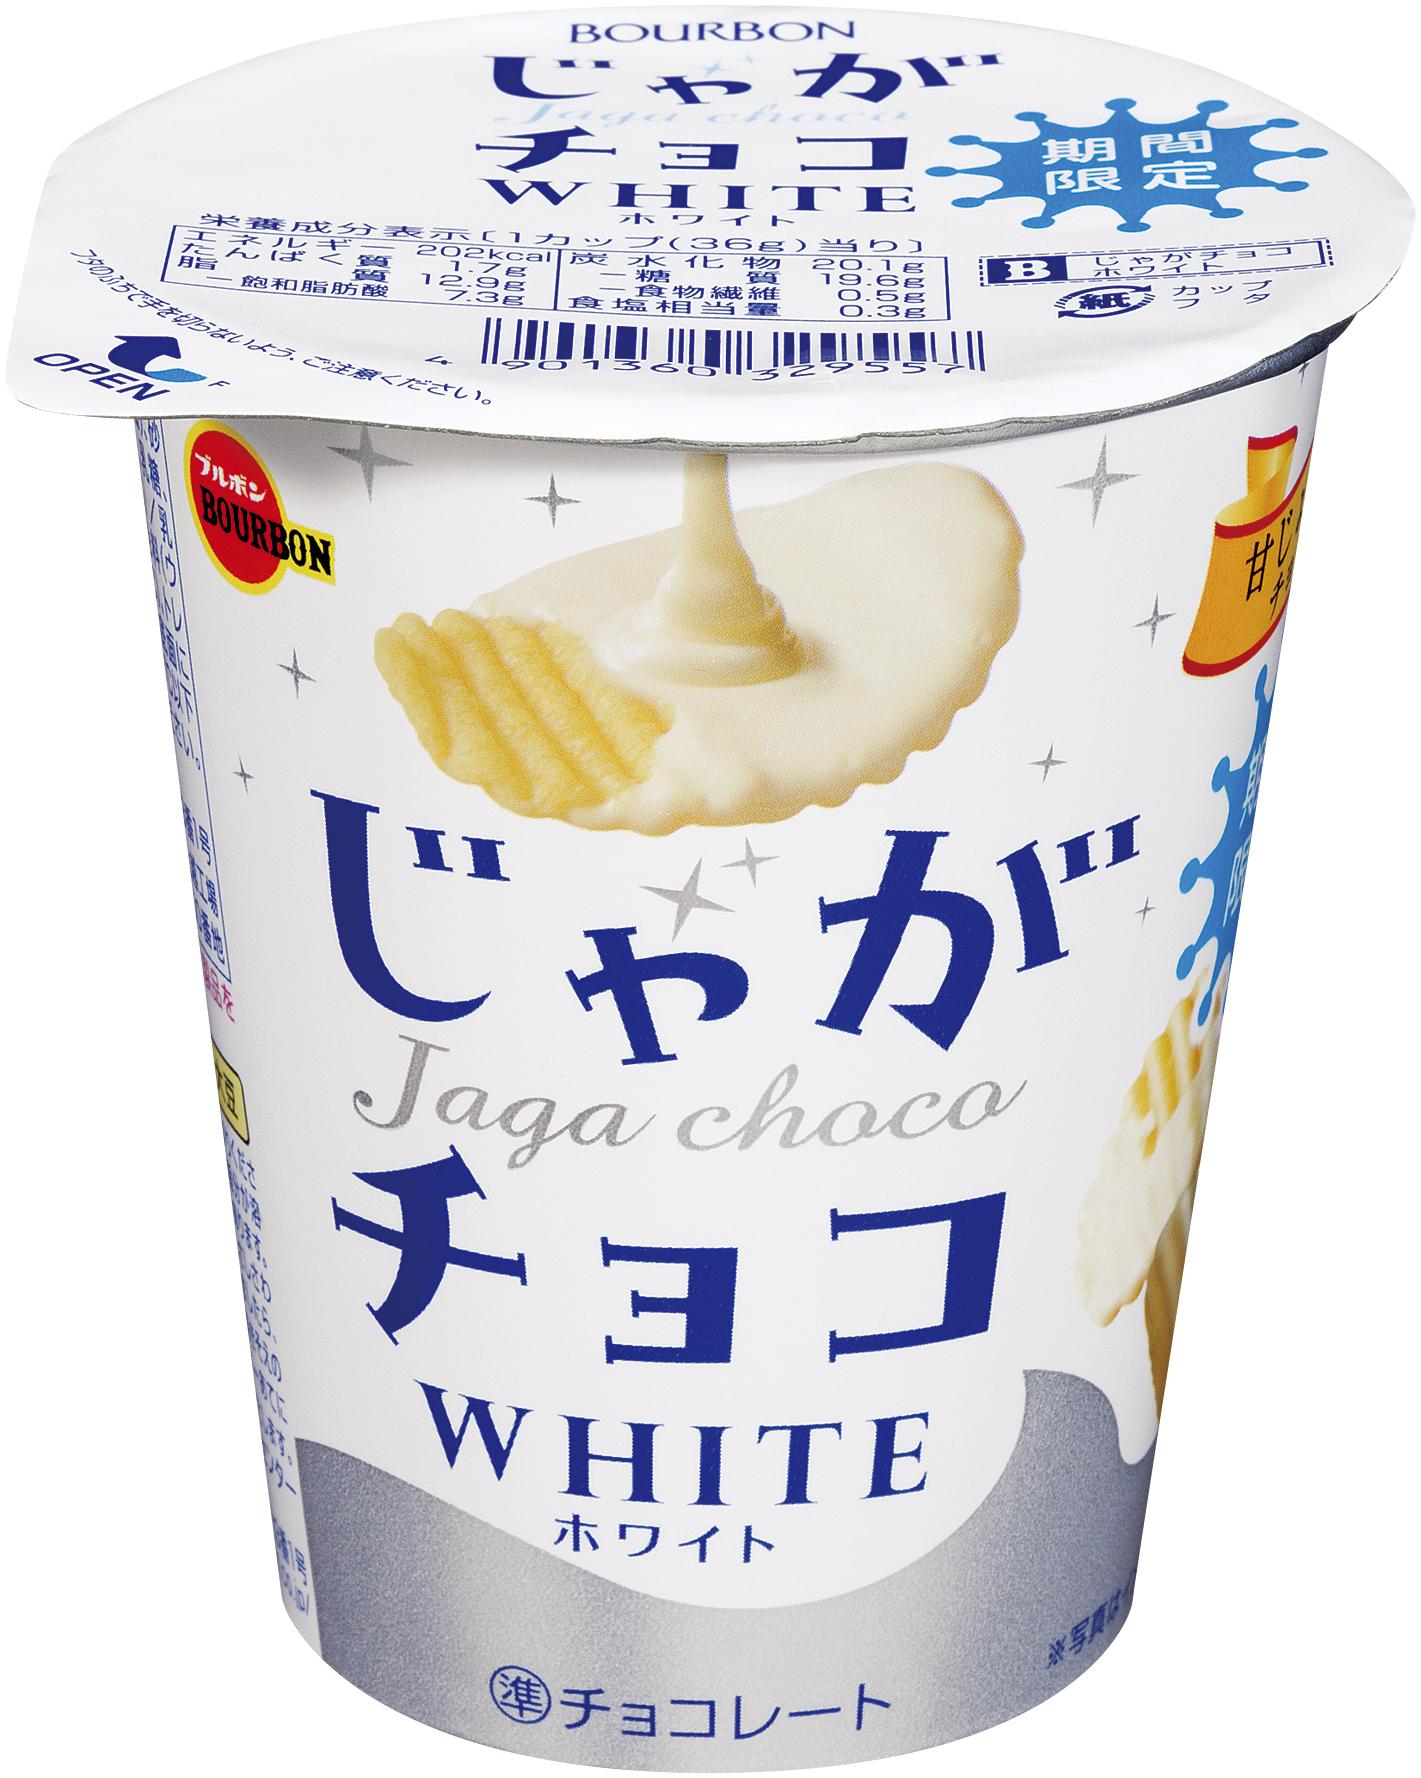 餅乾 洋芋片 白巧克力 36g 日本製造進口